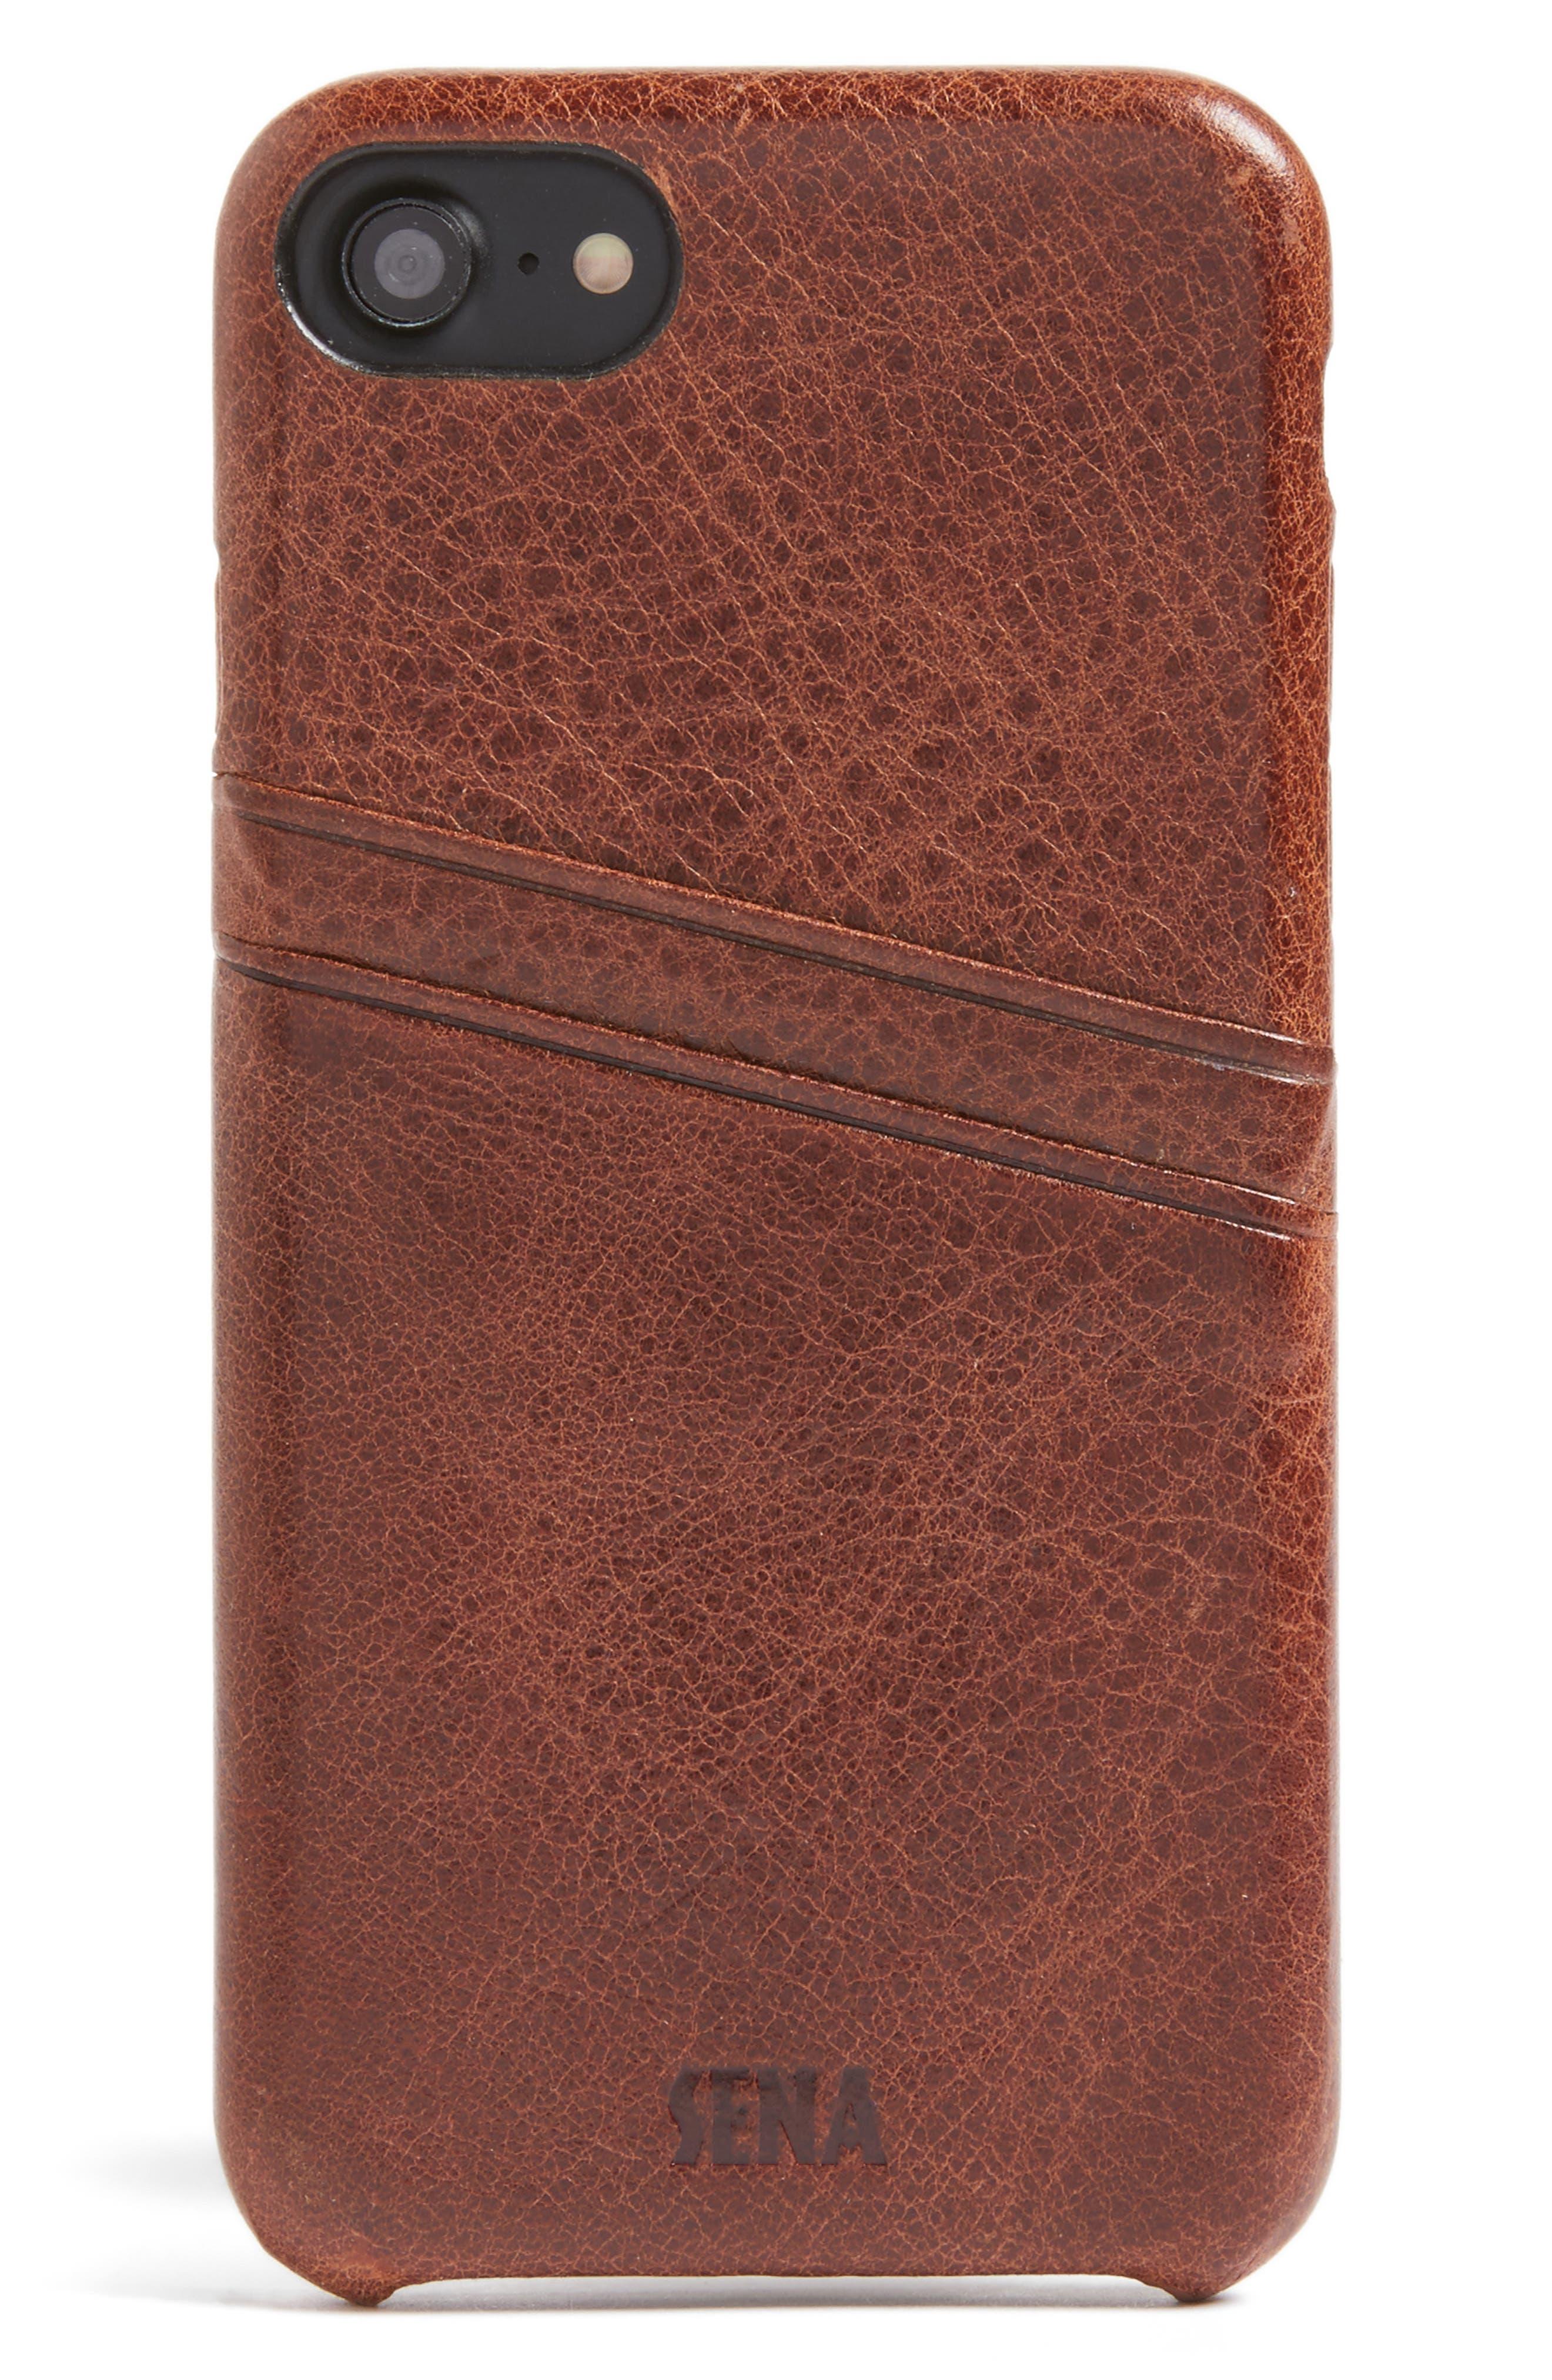 Sena iPhone 7/8 Snap-On Wallet Case